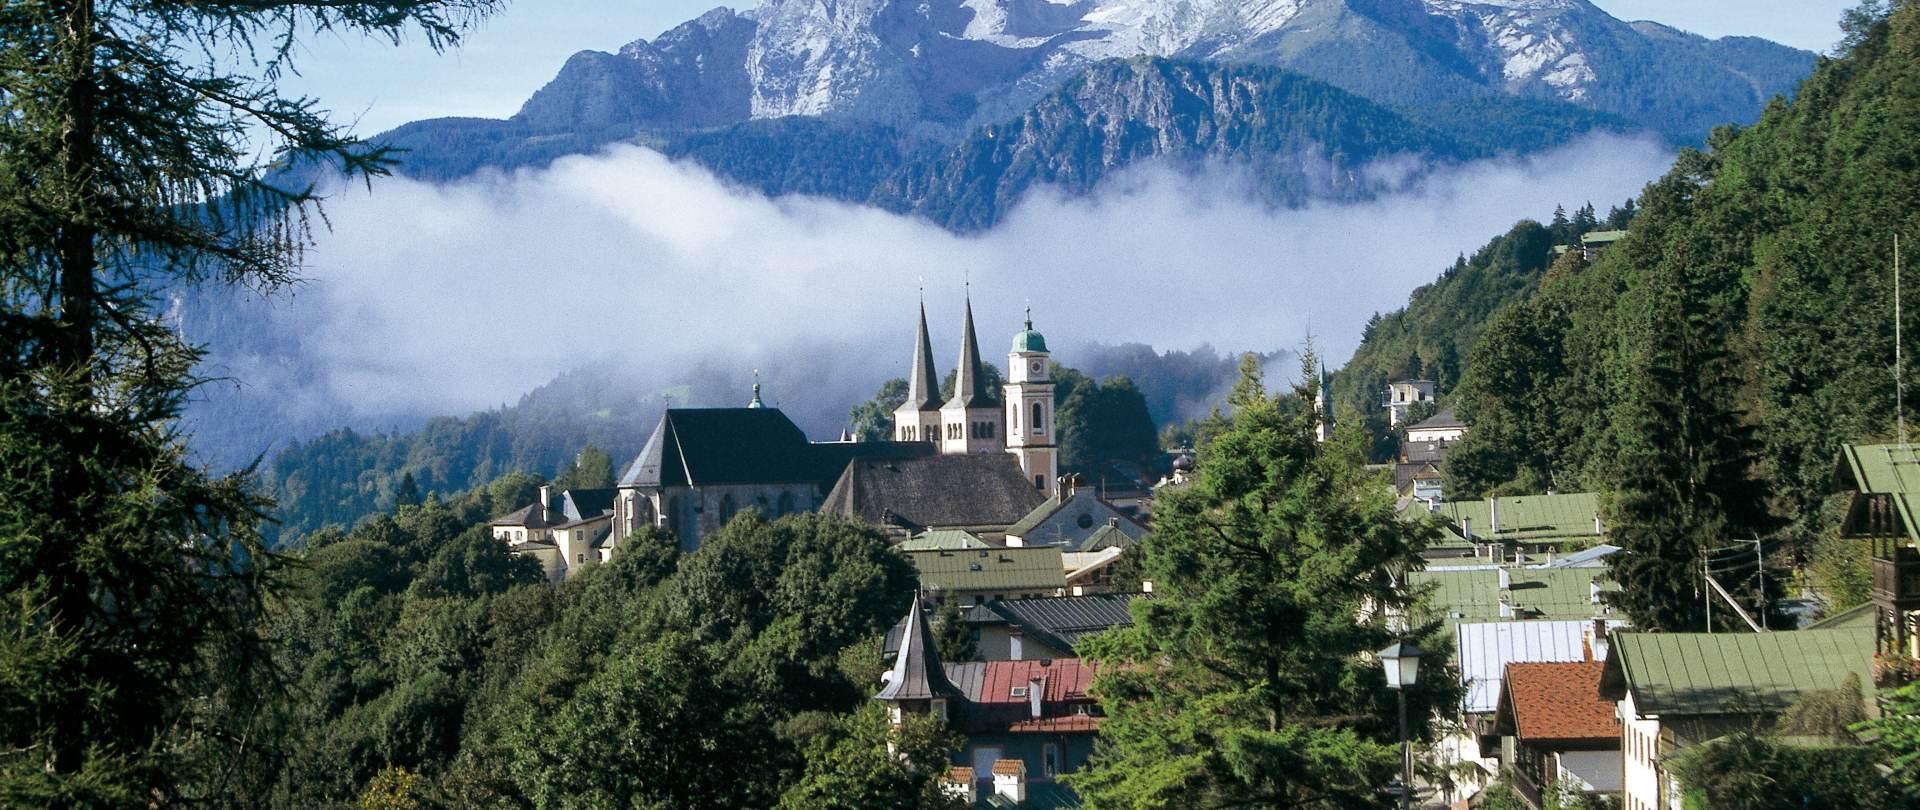 Single frauen berchtesgaden Bekanntschaften Meldorf -